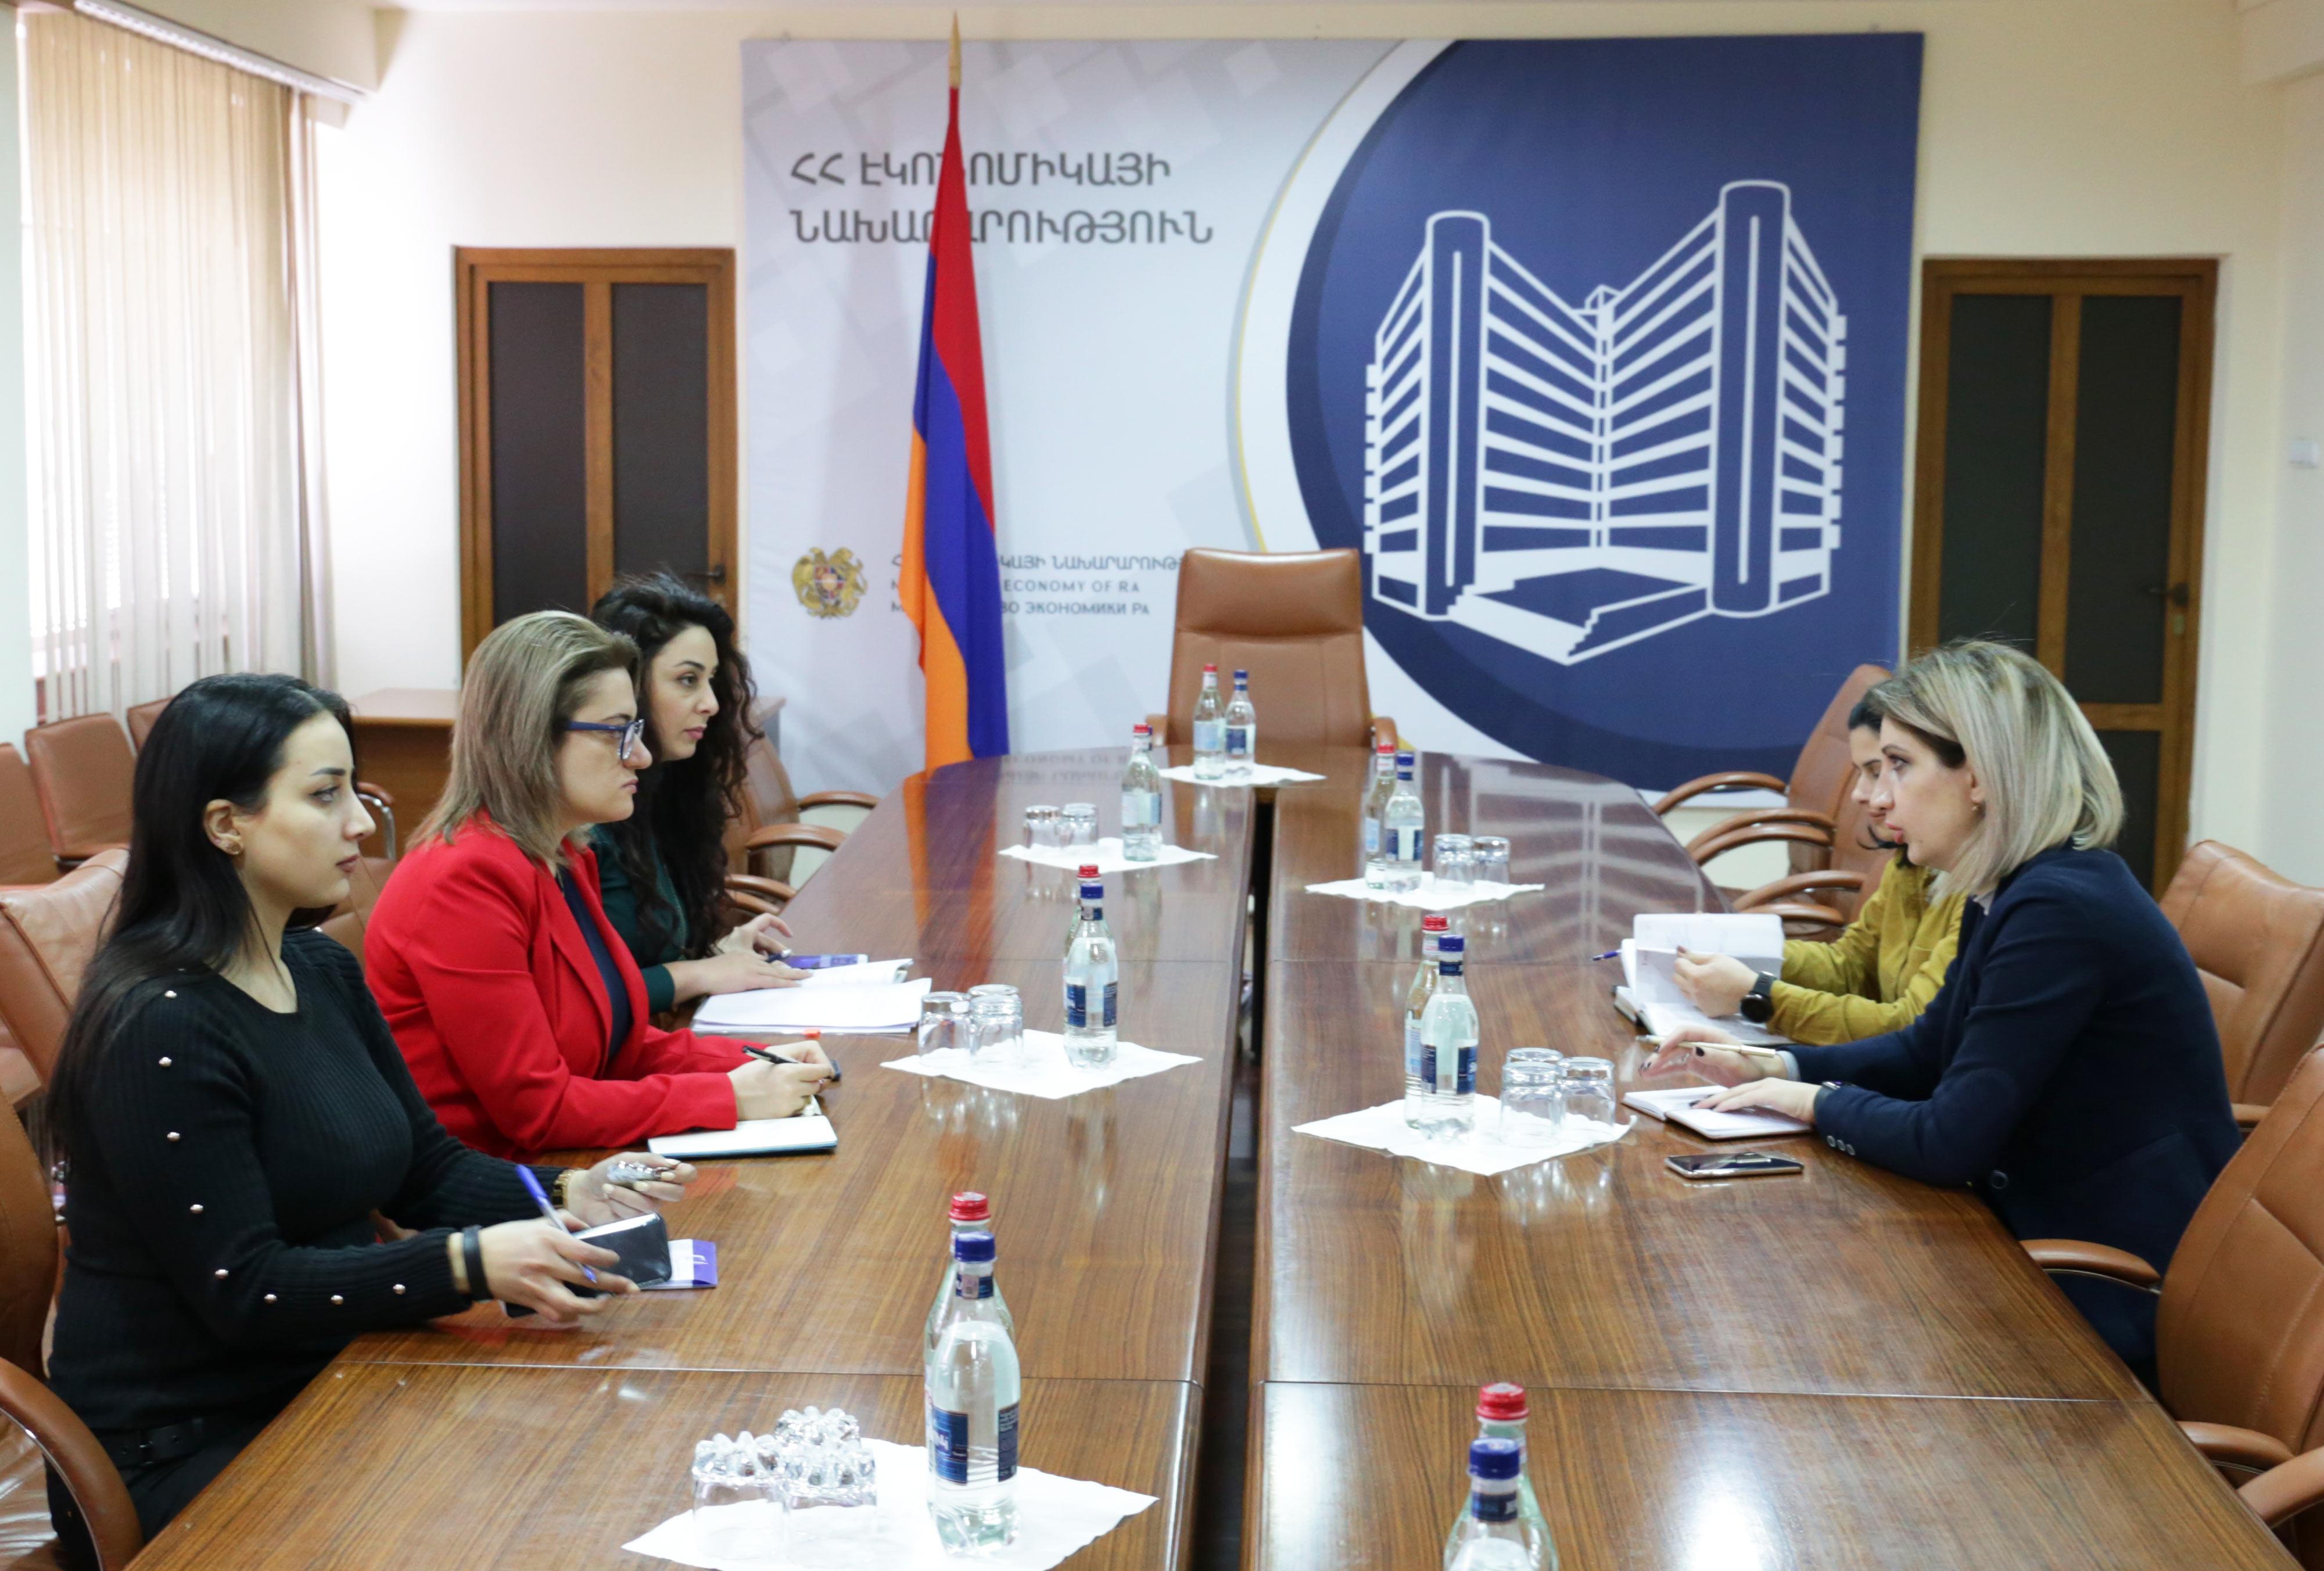 Հայաստանում տեղի կունենա «Մեծ գործարար կամուրջ» գլոբալ համաժողովը